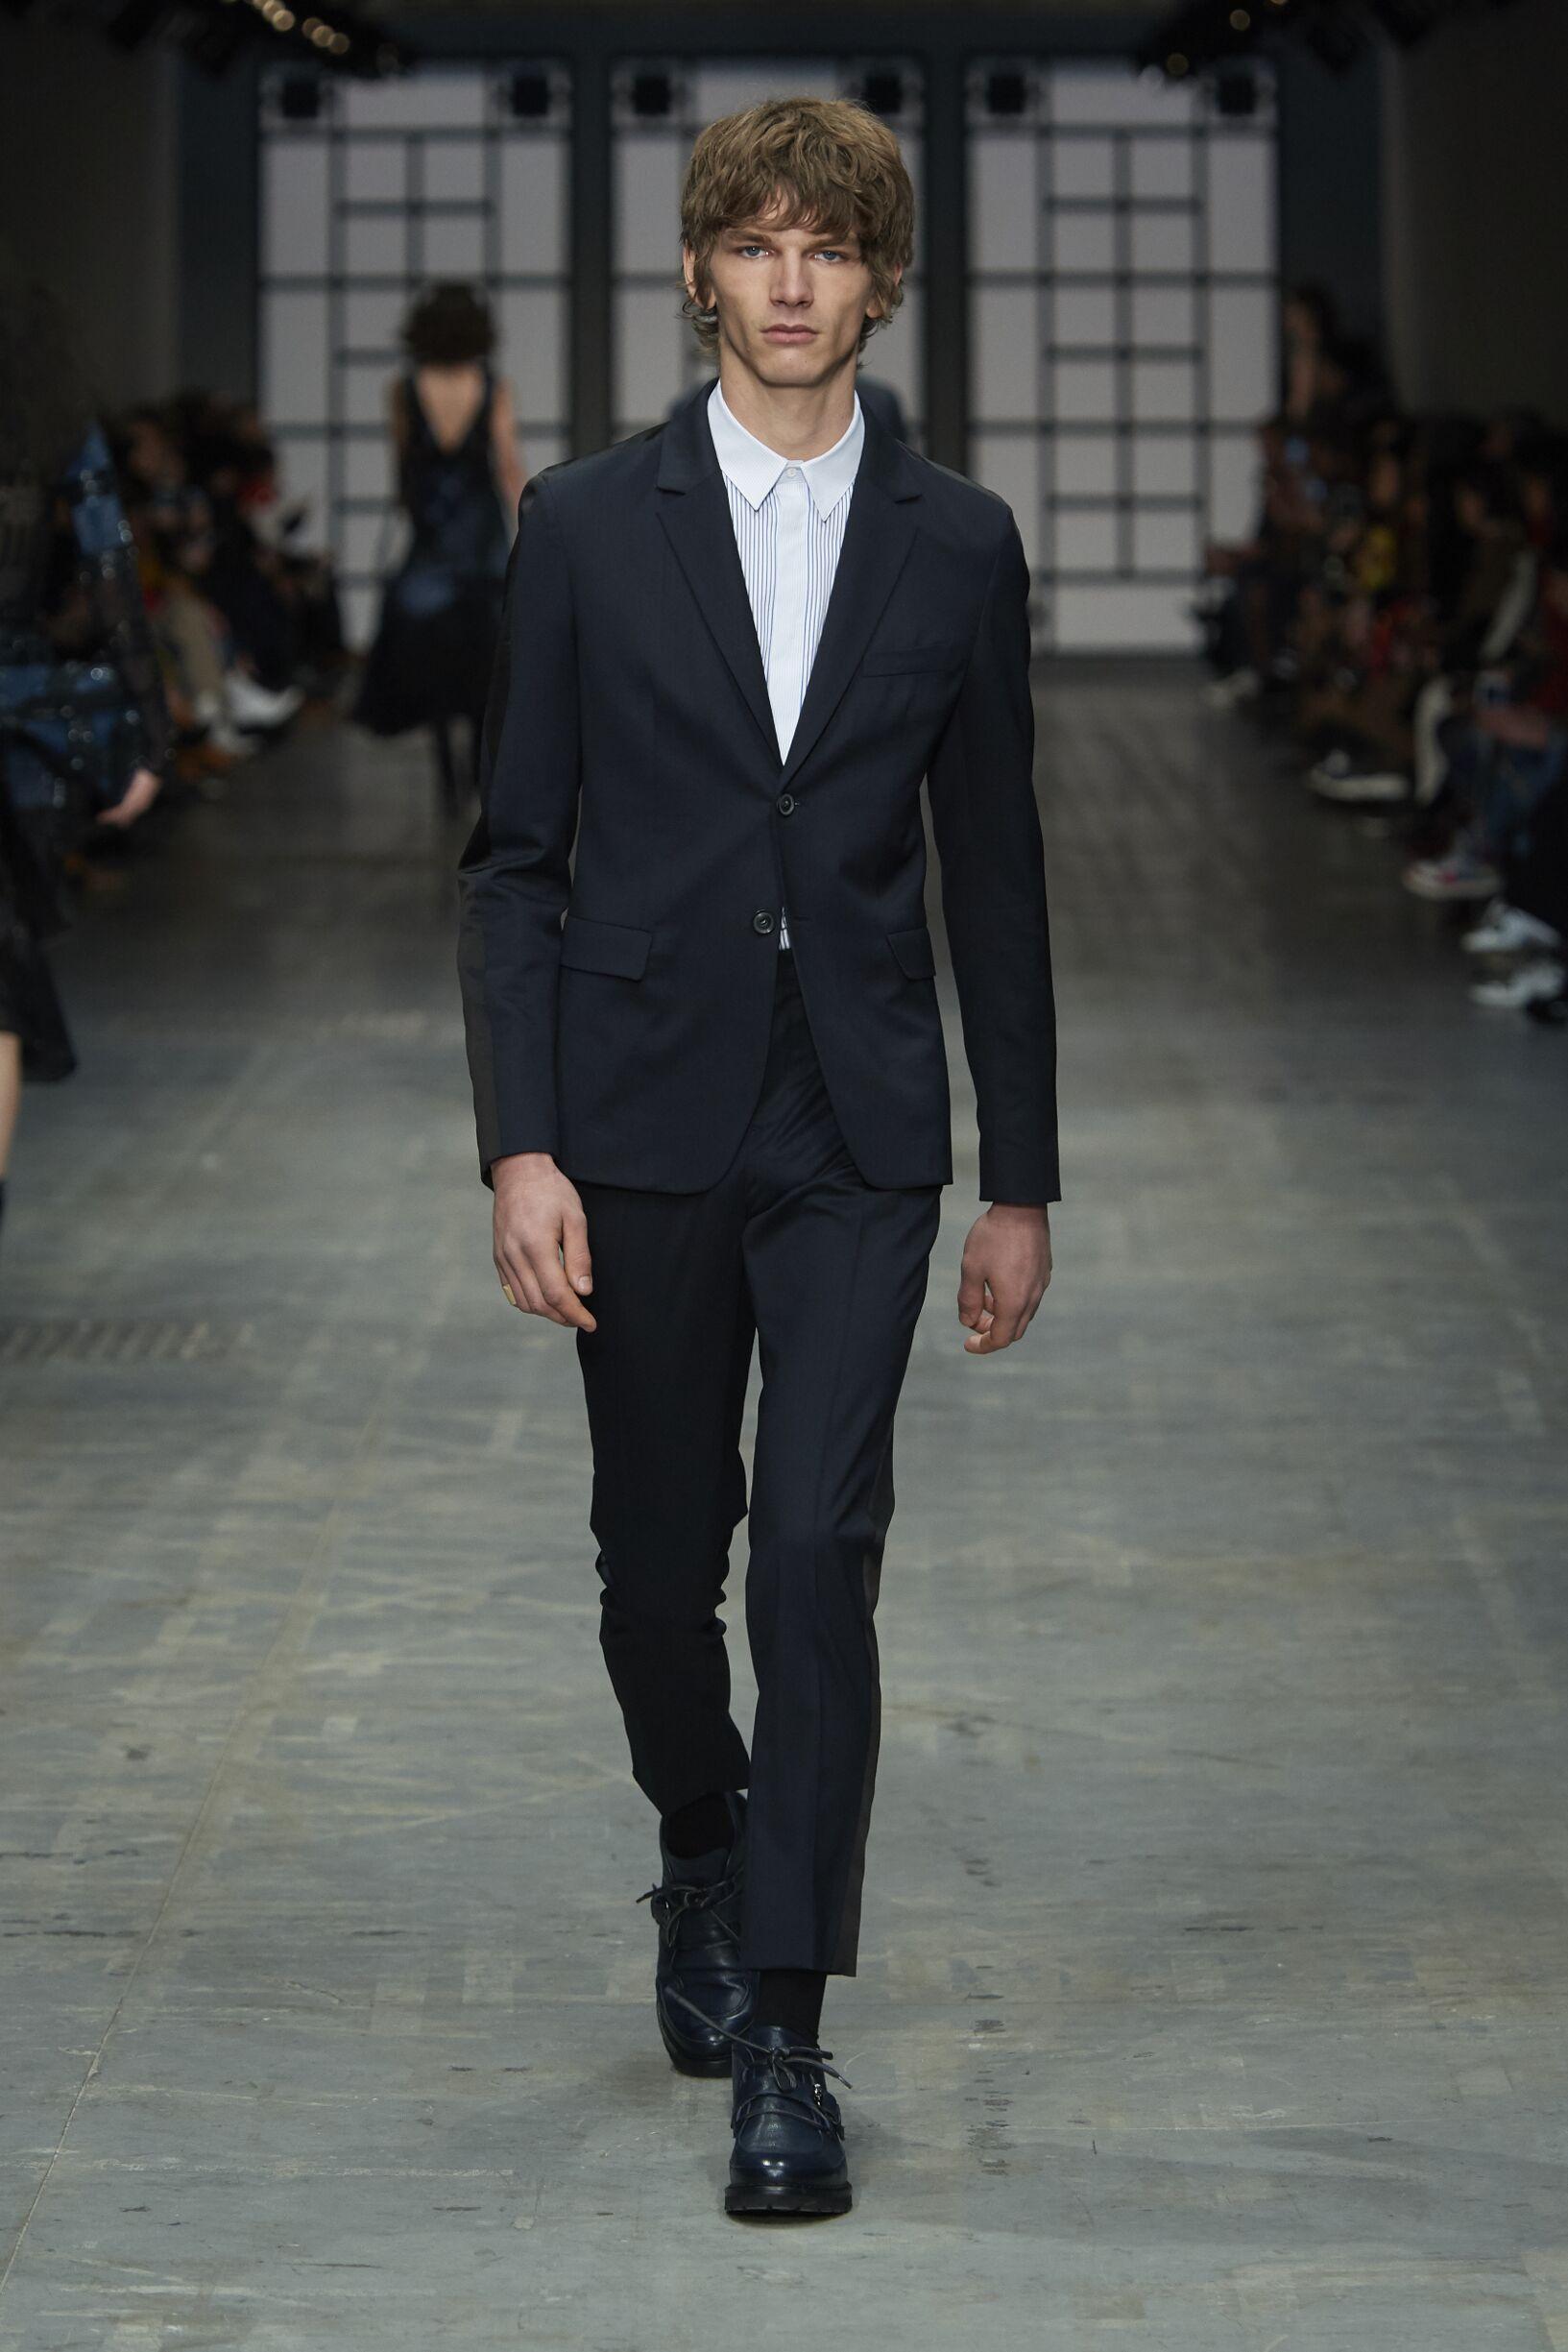 Man Fashion 2018-19 Suit Trussardi